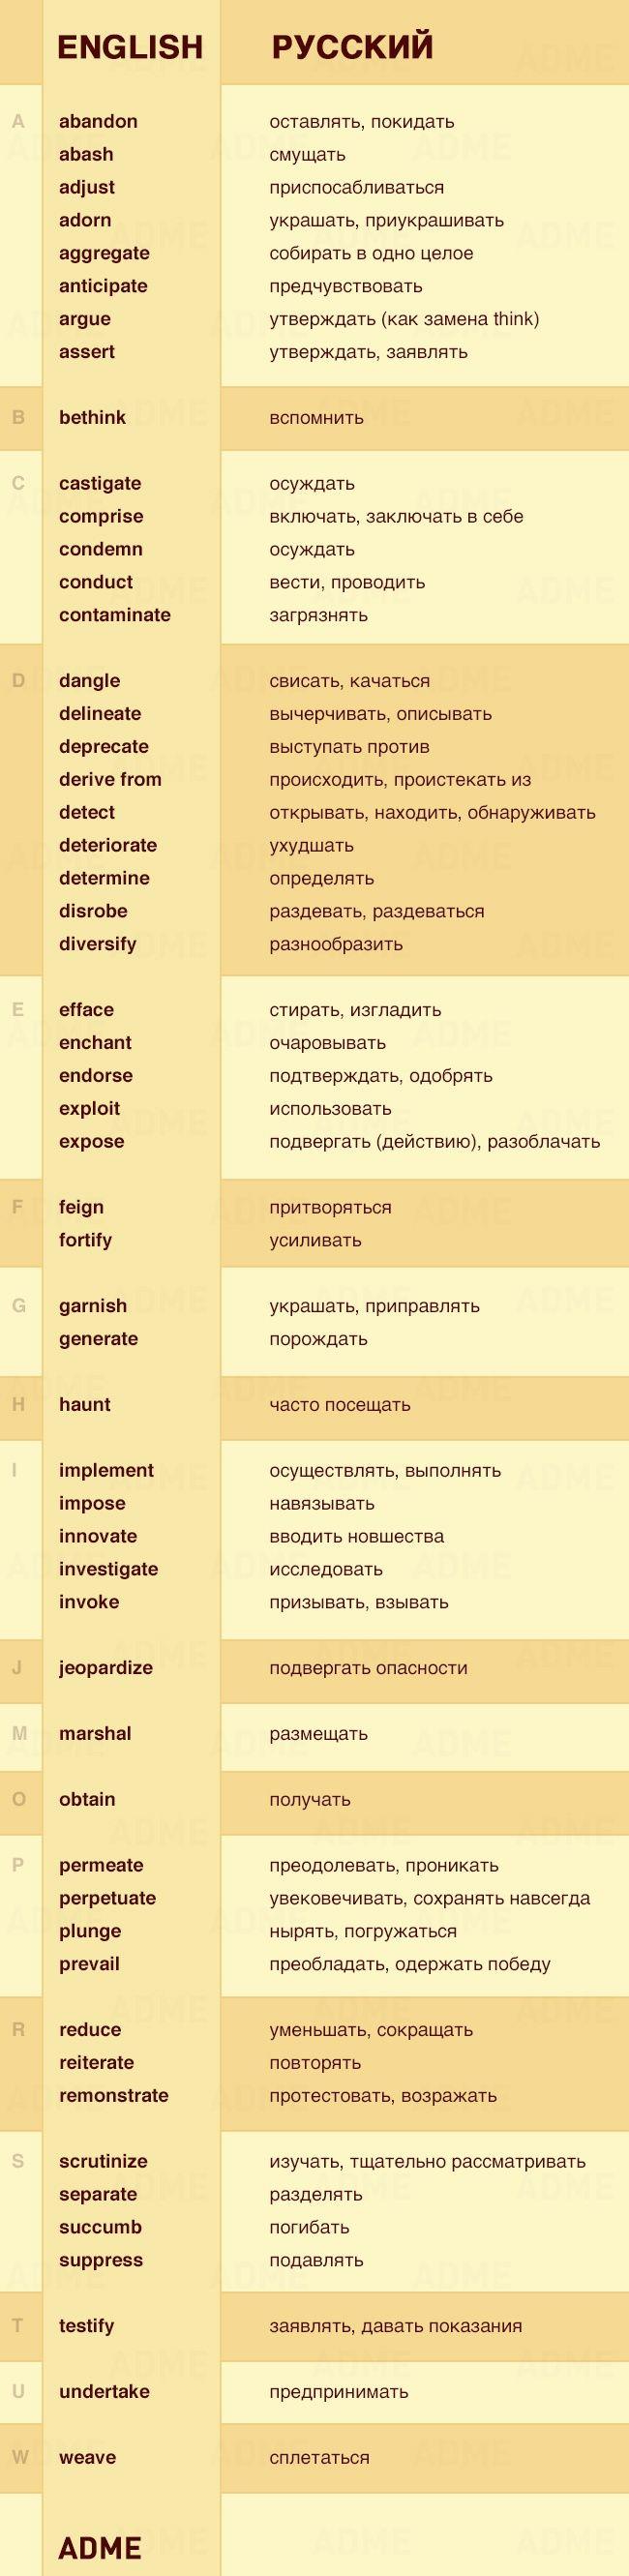 55 не очень известных, но полезных глаголов на английском.. Обсуждение на LiveInternet - Российский Сервис Онлайн-Дневников